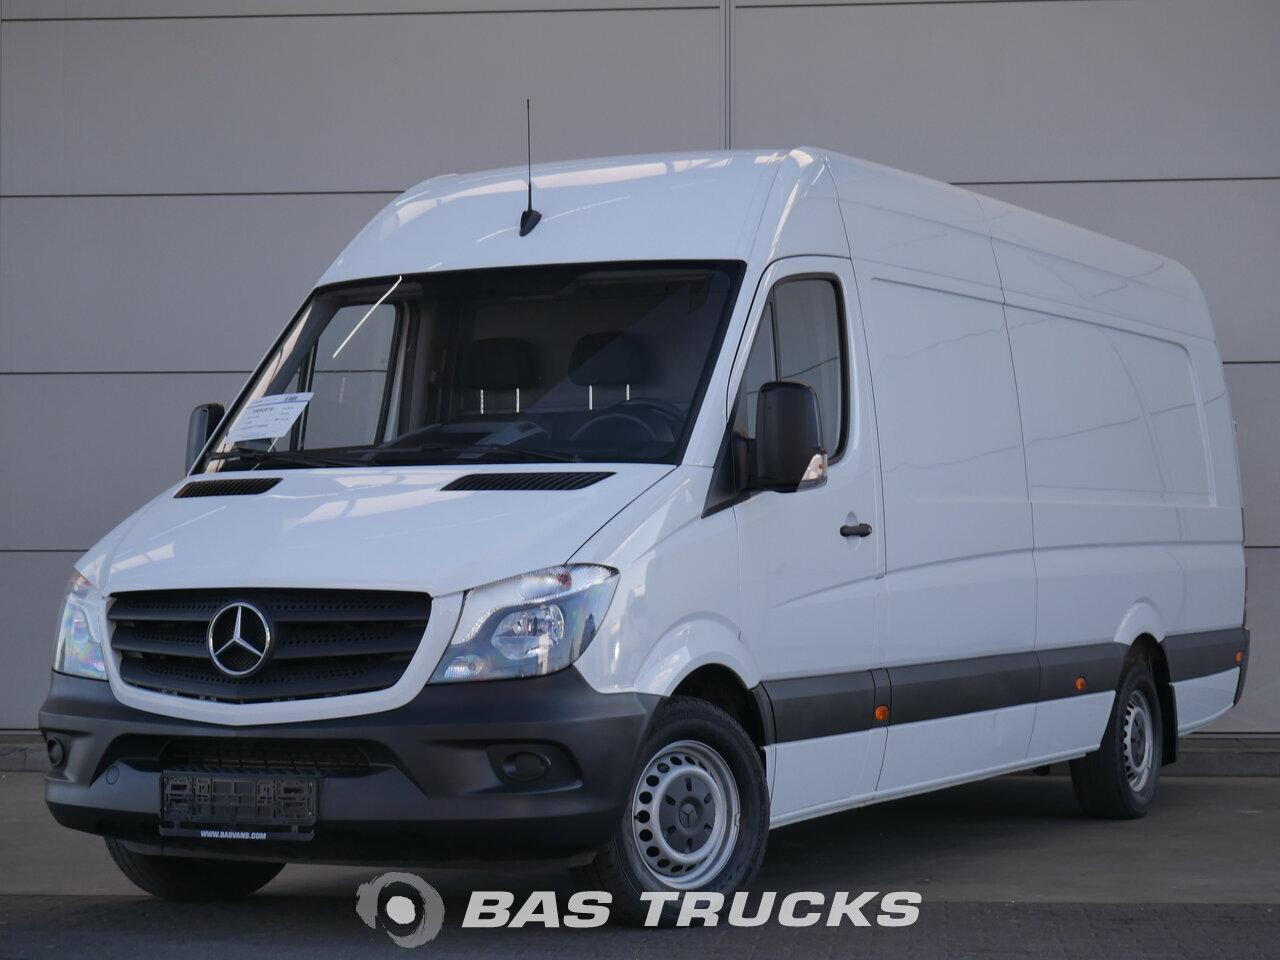 mercedes sprinter 316 leichte nutzfahrzeuge 22900 bas trucks. Black Bedroom Furniture Sets. Home Design Ideas